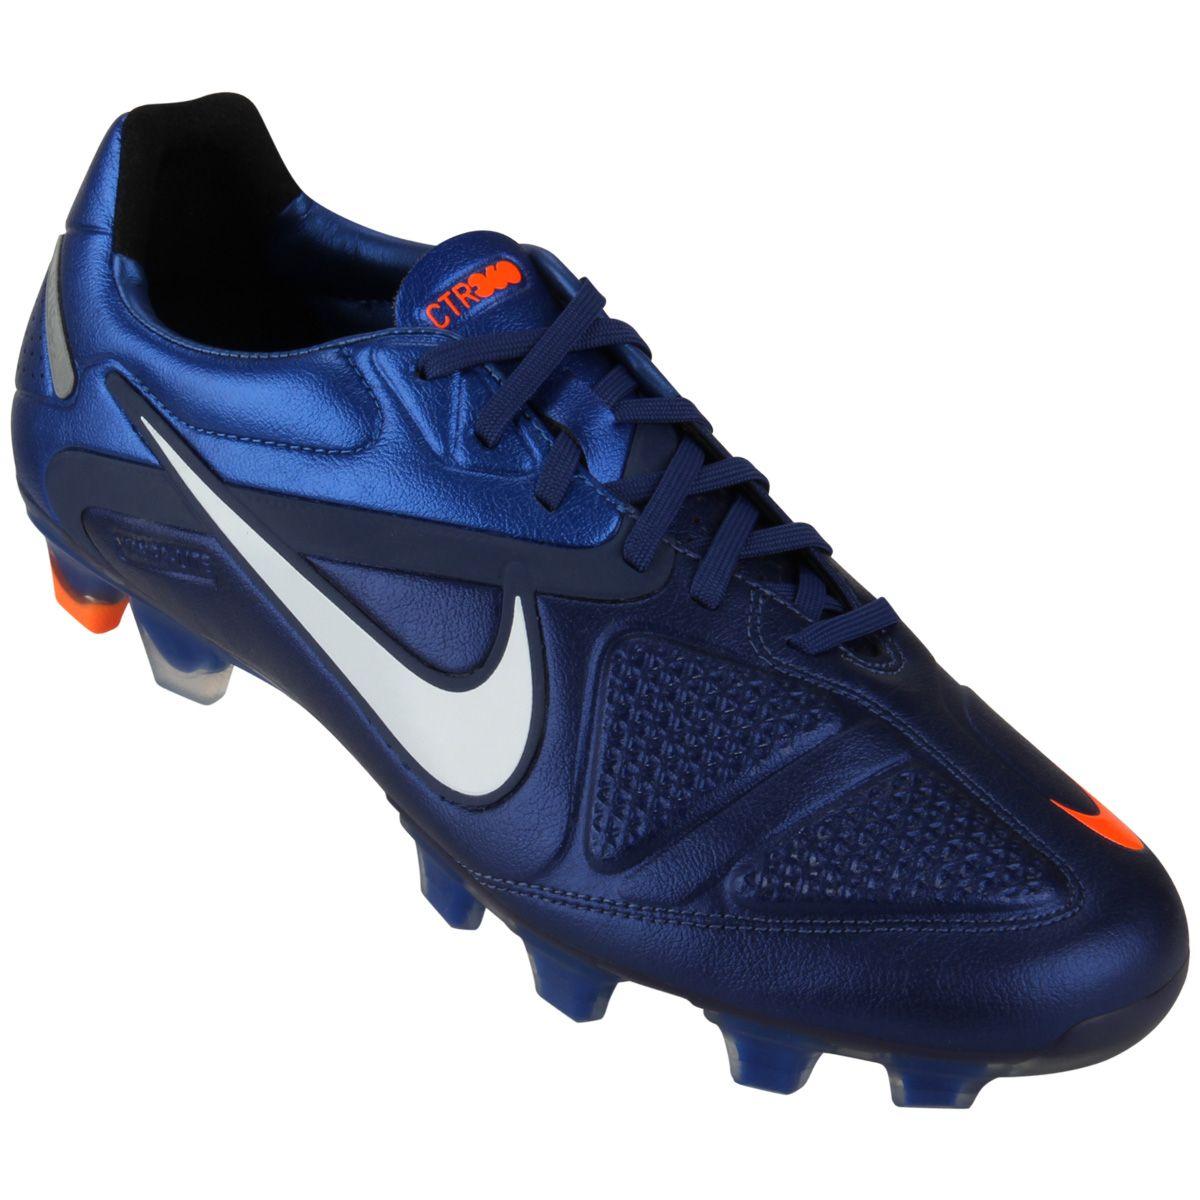 best service 8e3f9 25bf8 Botines Nike CTR360 Maestri 2 FG - Netshoes